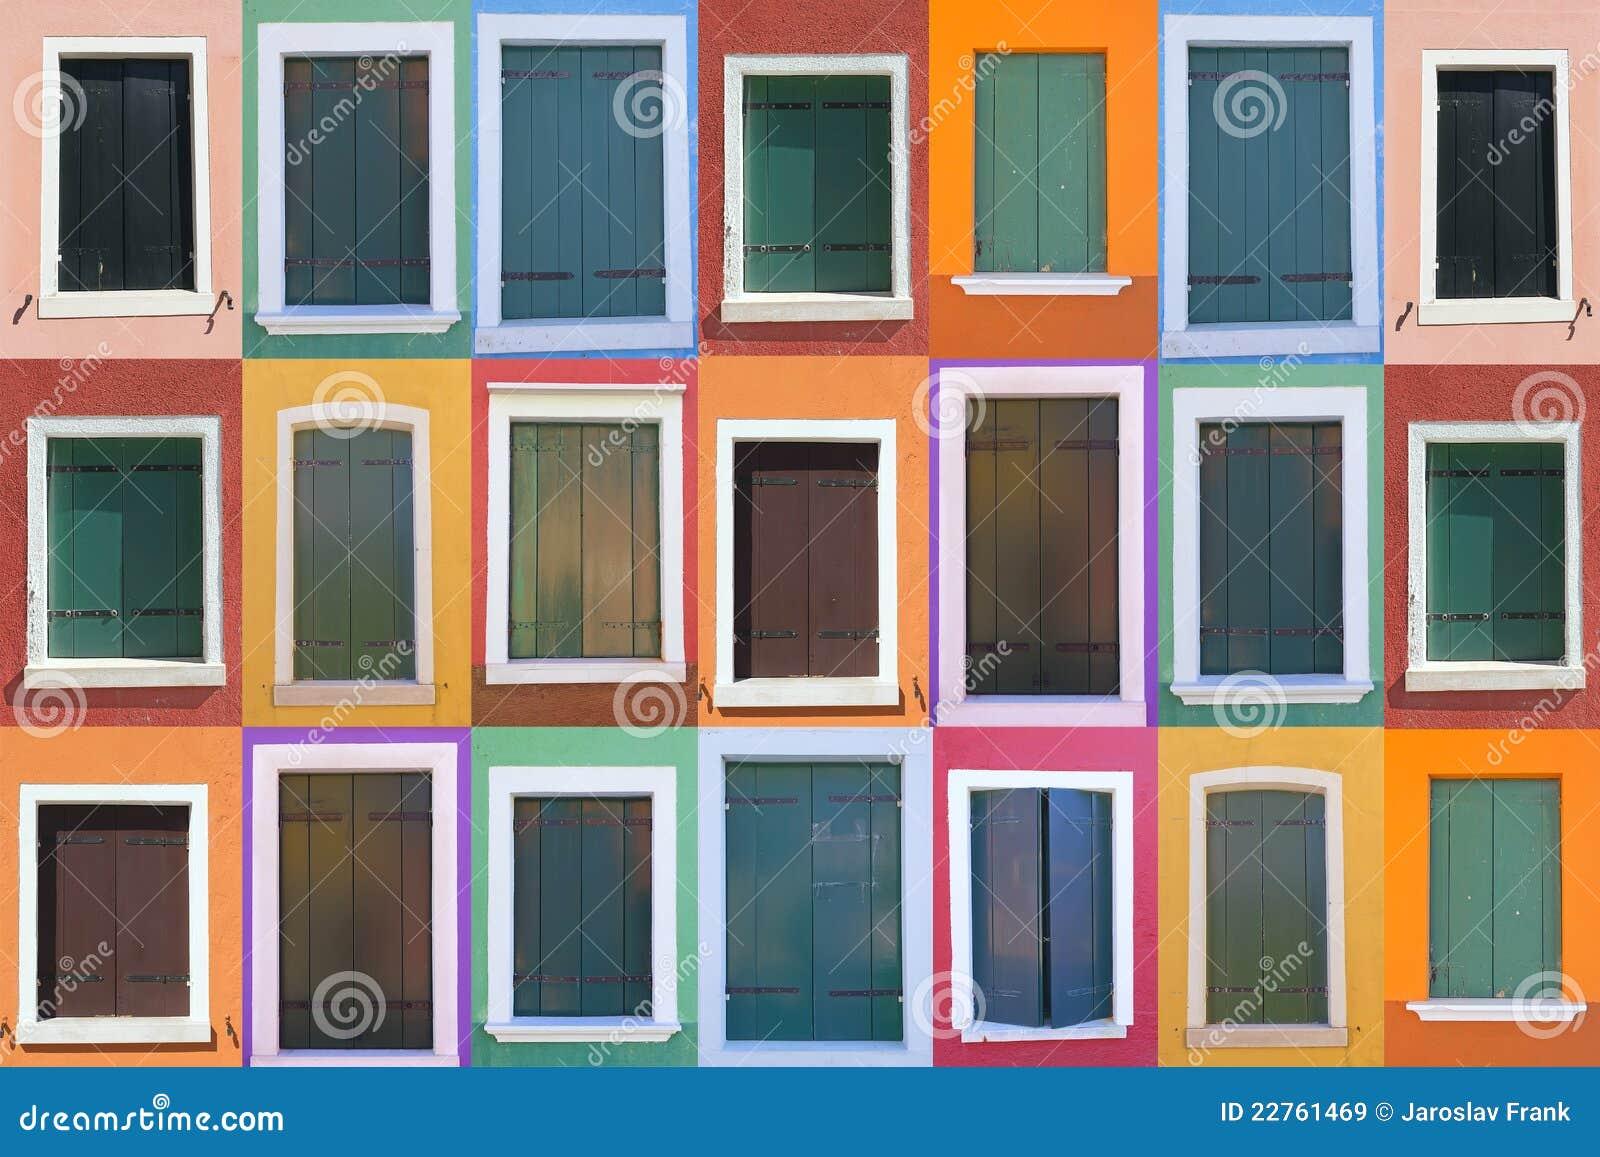 set of 21 old color windows stock image image 22761469. Black Bedroom Furniture Sets. Home Design Ideas